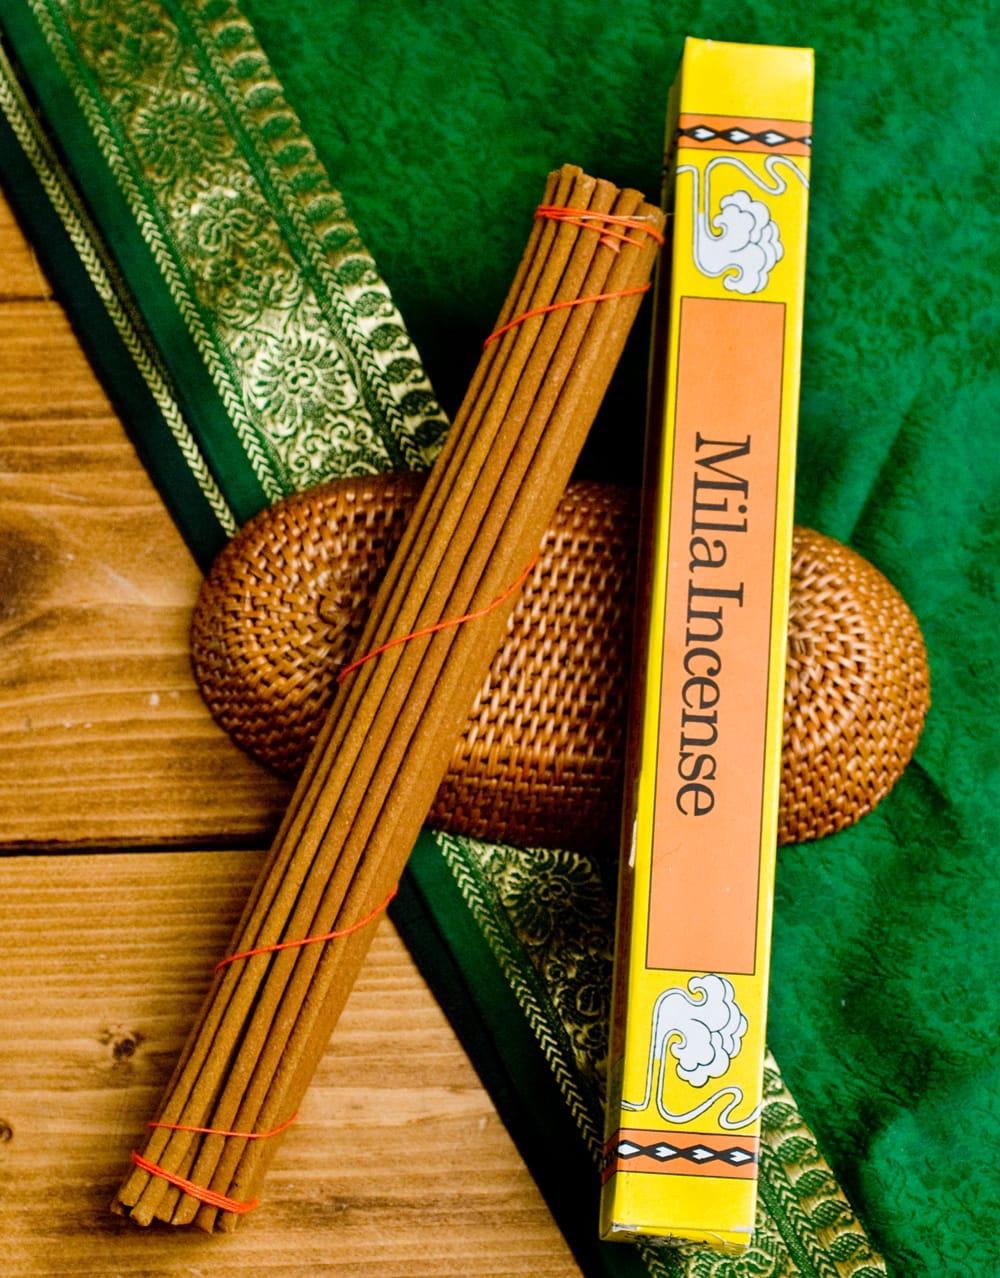 Mila Incense -聖地ミーラ香の写真